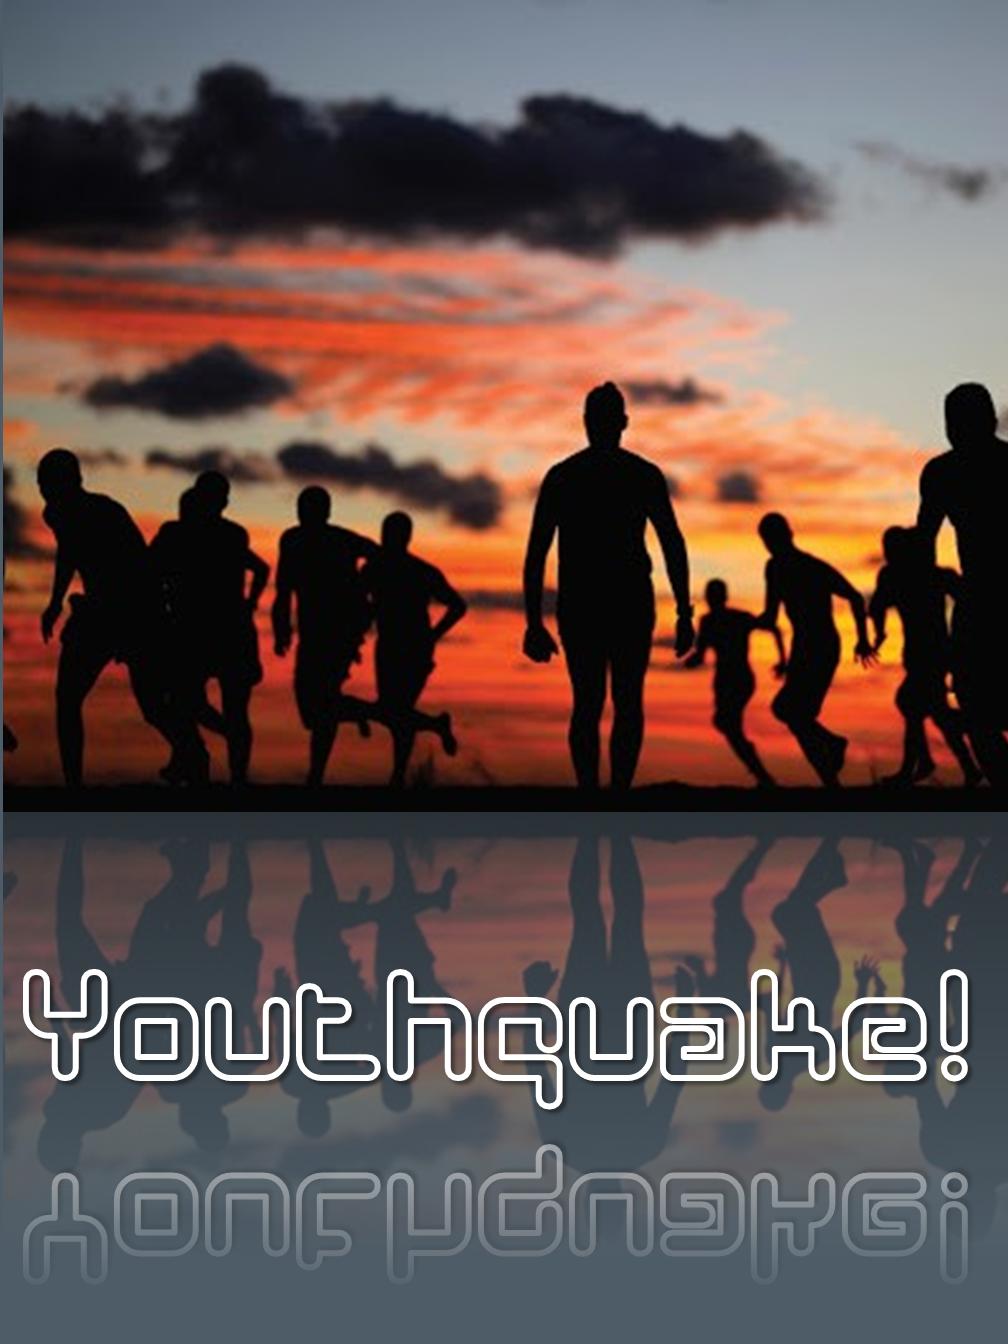 Youthquake!